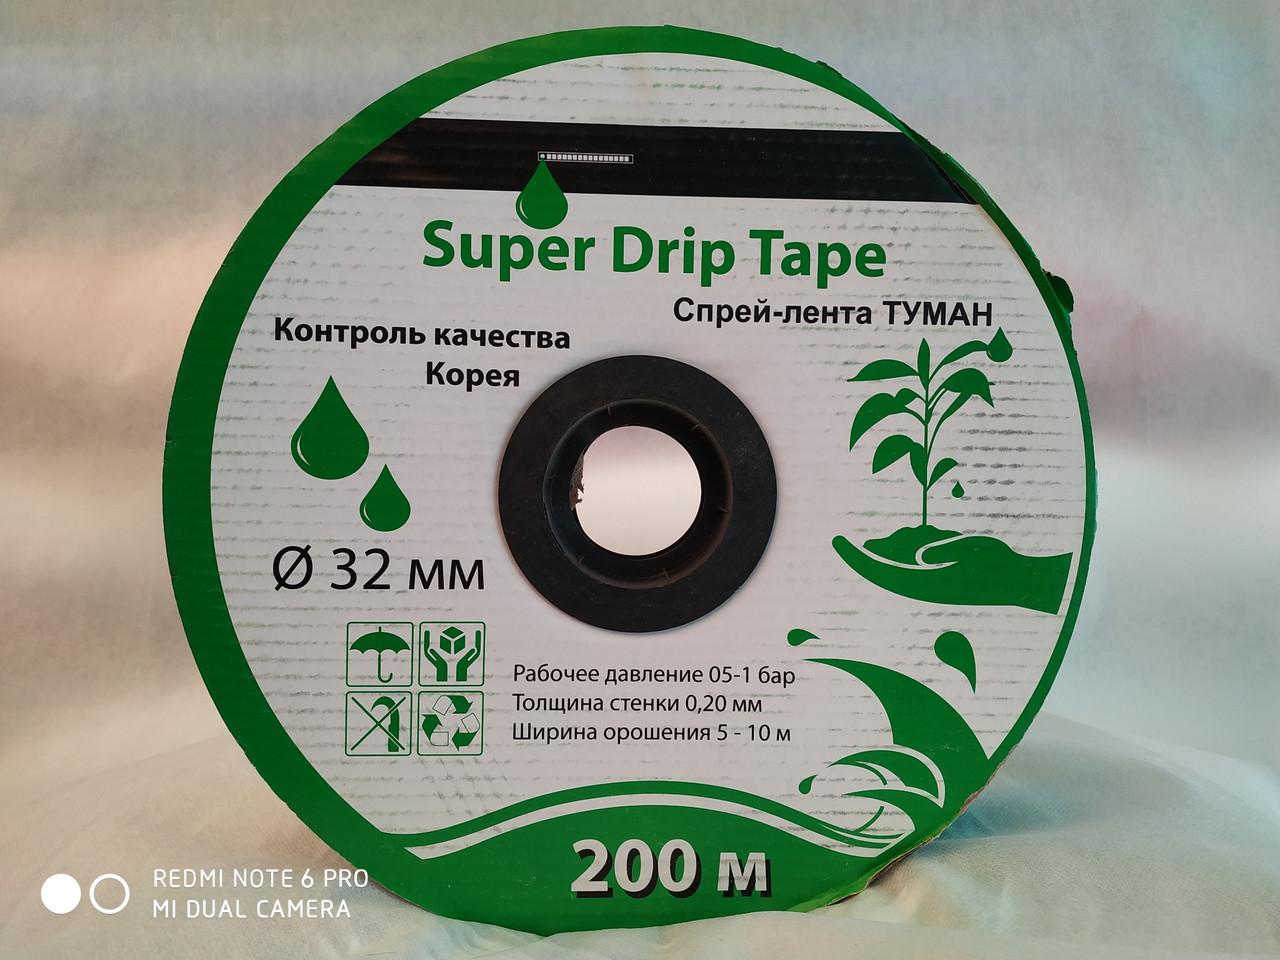 Спрей лента для полива туман  Andar (Корея) диаметр 32 мм длина 200 м